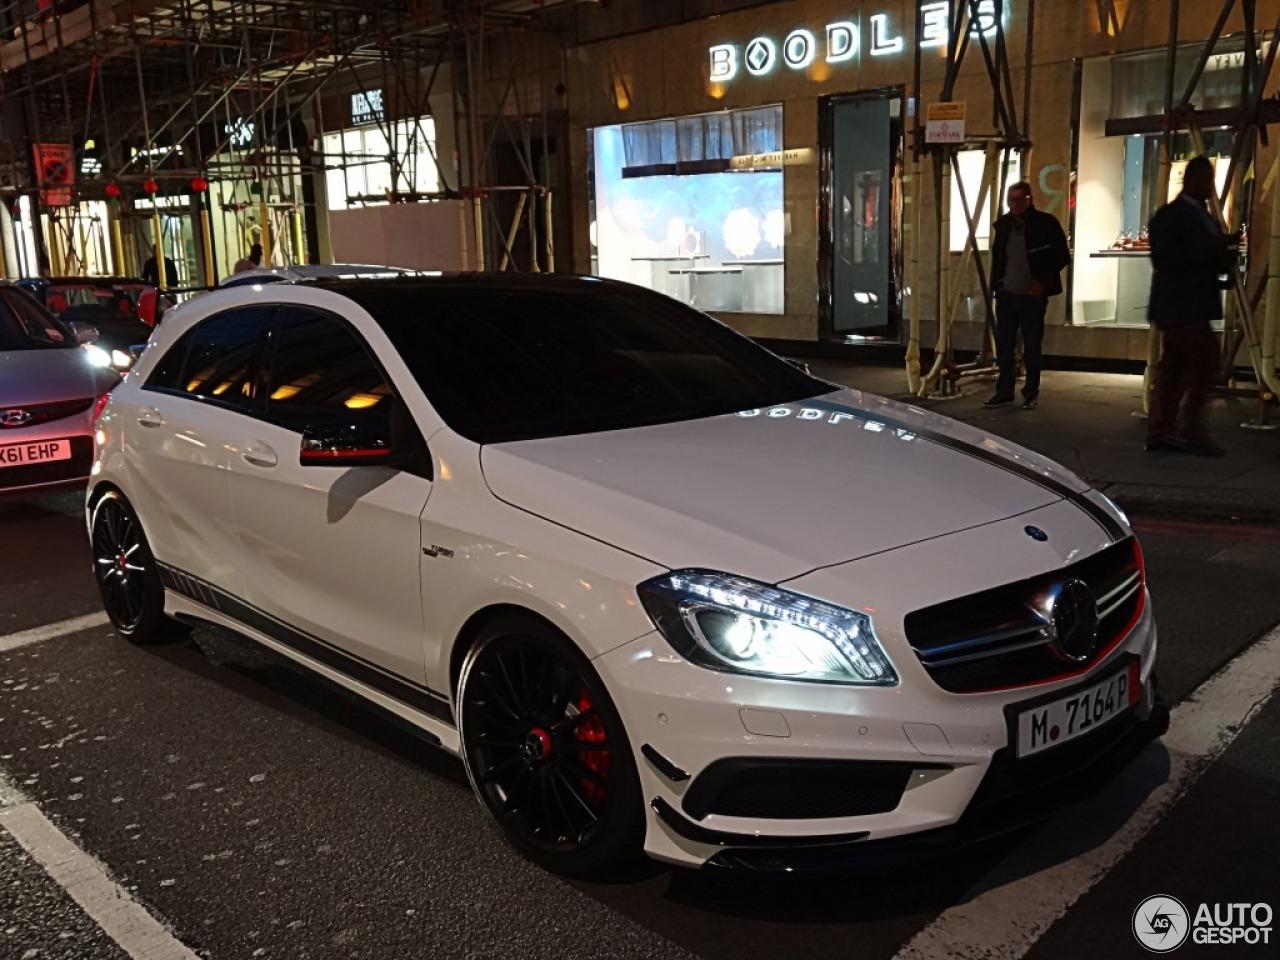 Mercedes Benz A 45 Amg Edition 1 9 Septembre 2013